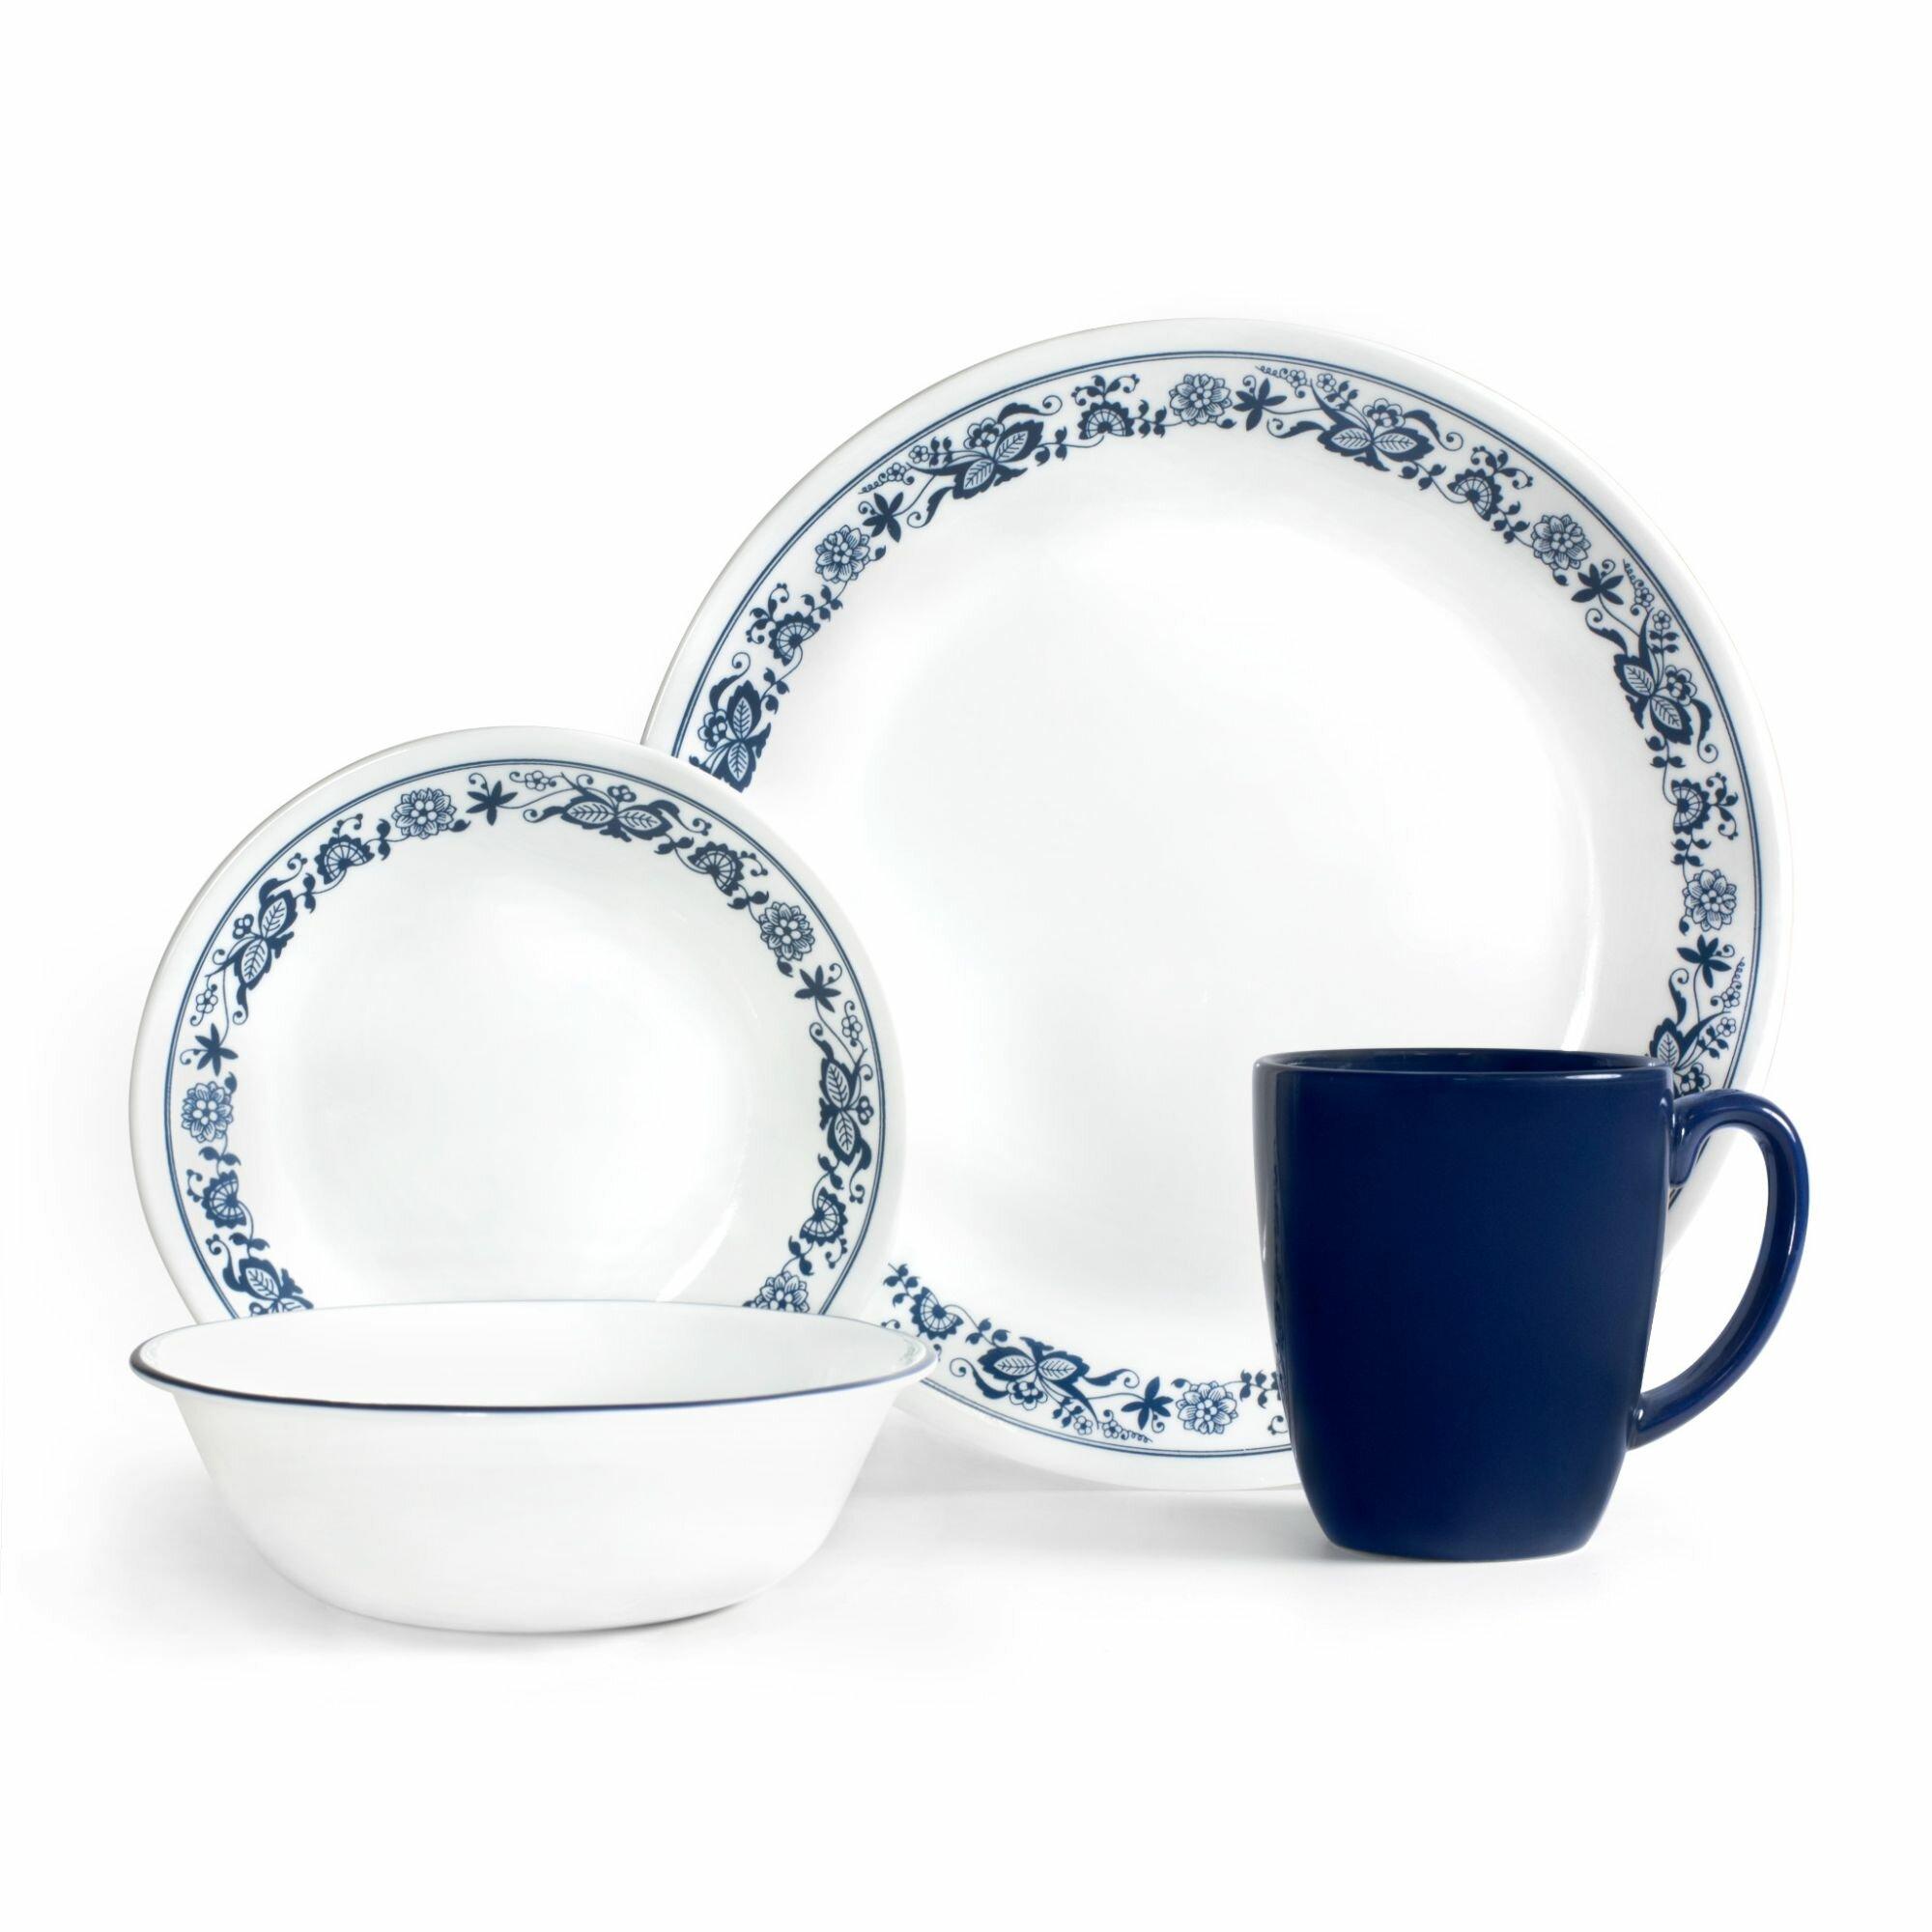 Corelle Livingware Old Town Blue 16 Piece Dinnerware Set Reviews Wayfair